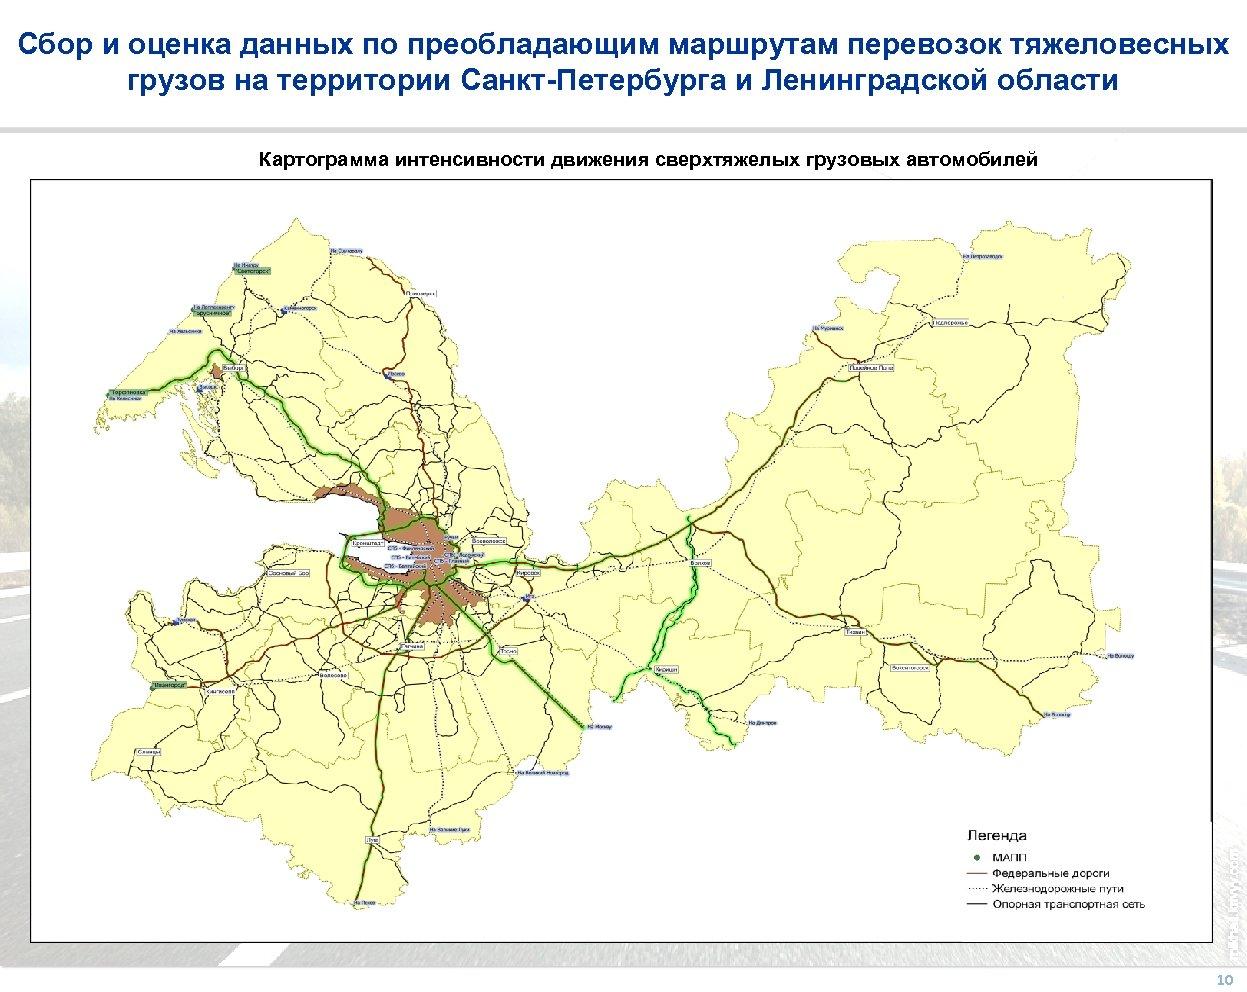 Сбор и оценка данных по преобладающим маршрутам перевозок тяжеловесных грузов на территории Санкт-Петербурга и